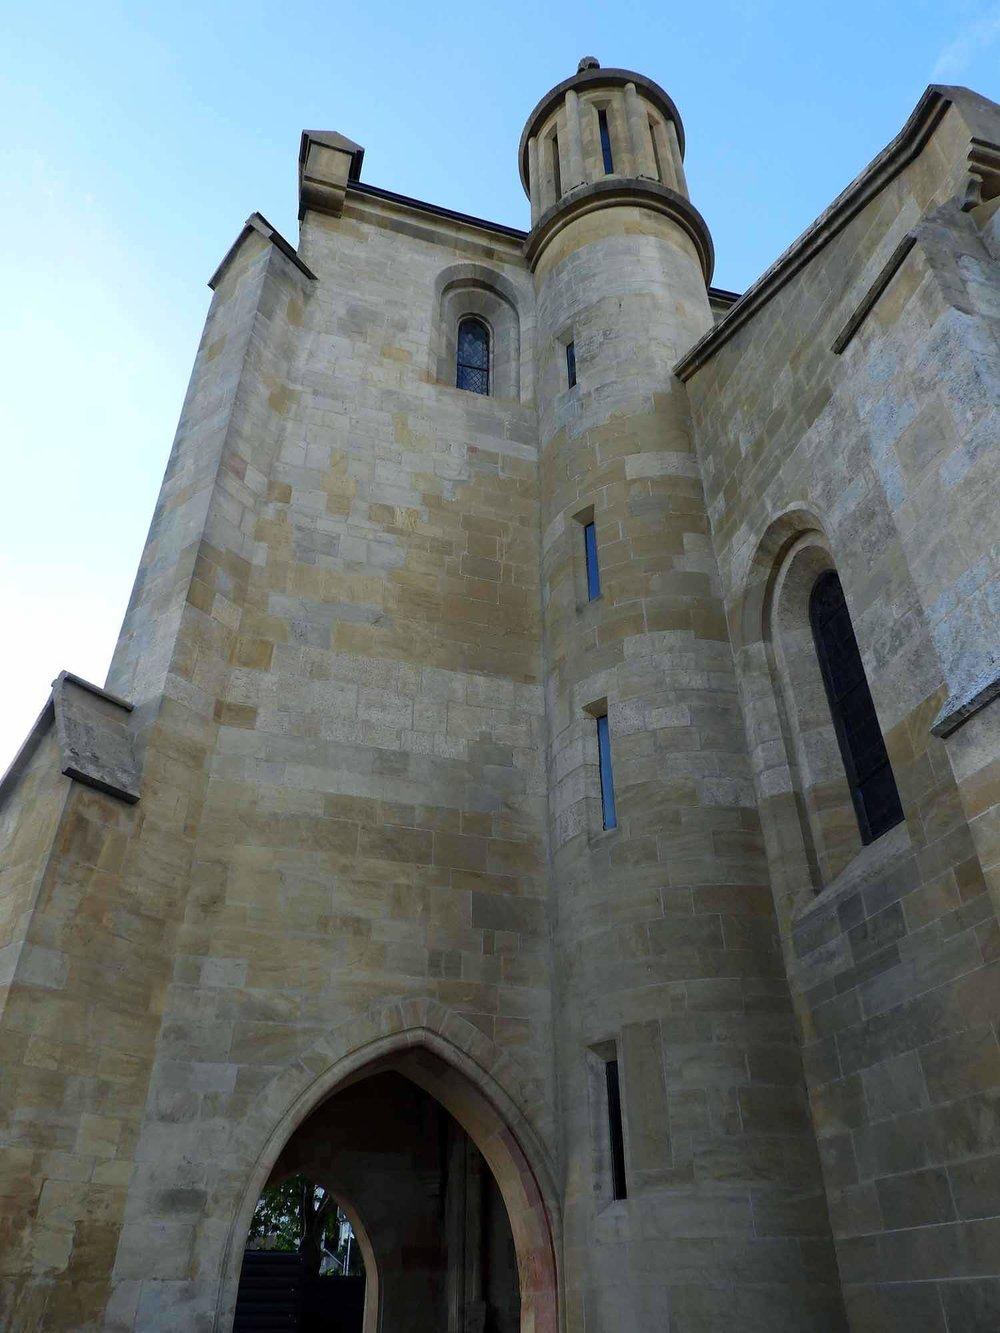 switzerland-neuchatel-collégiale-reformed-church-tower.JPG